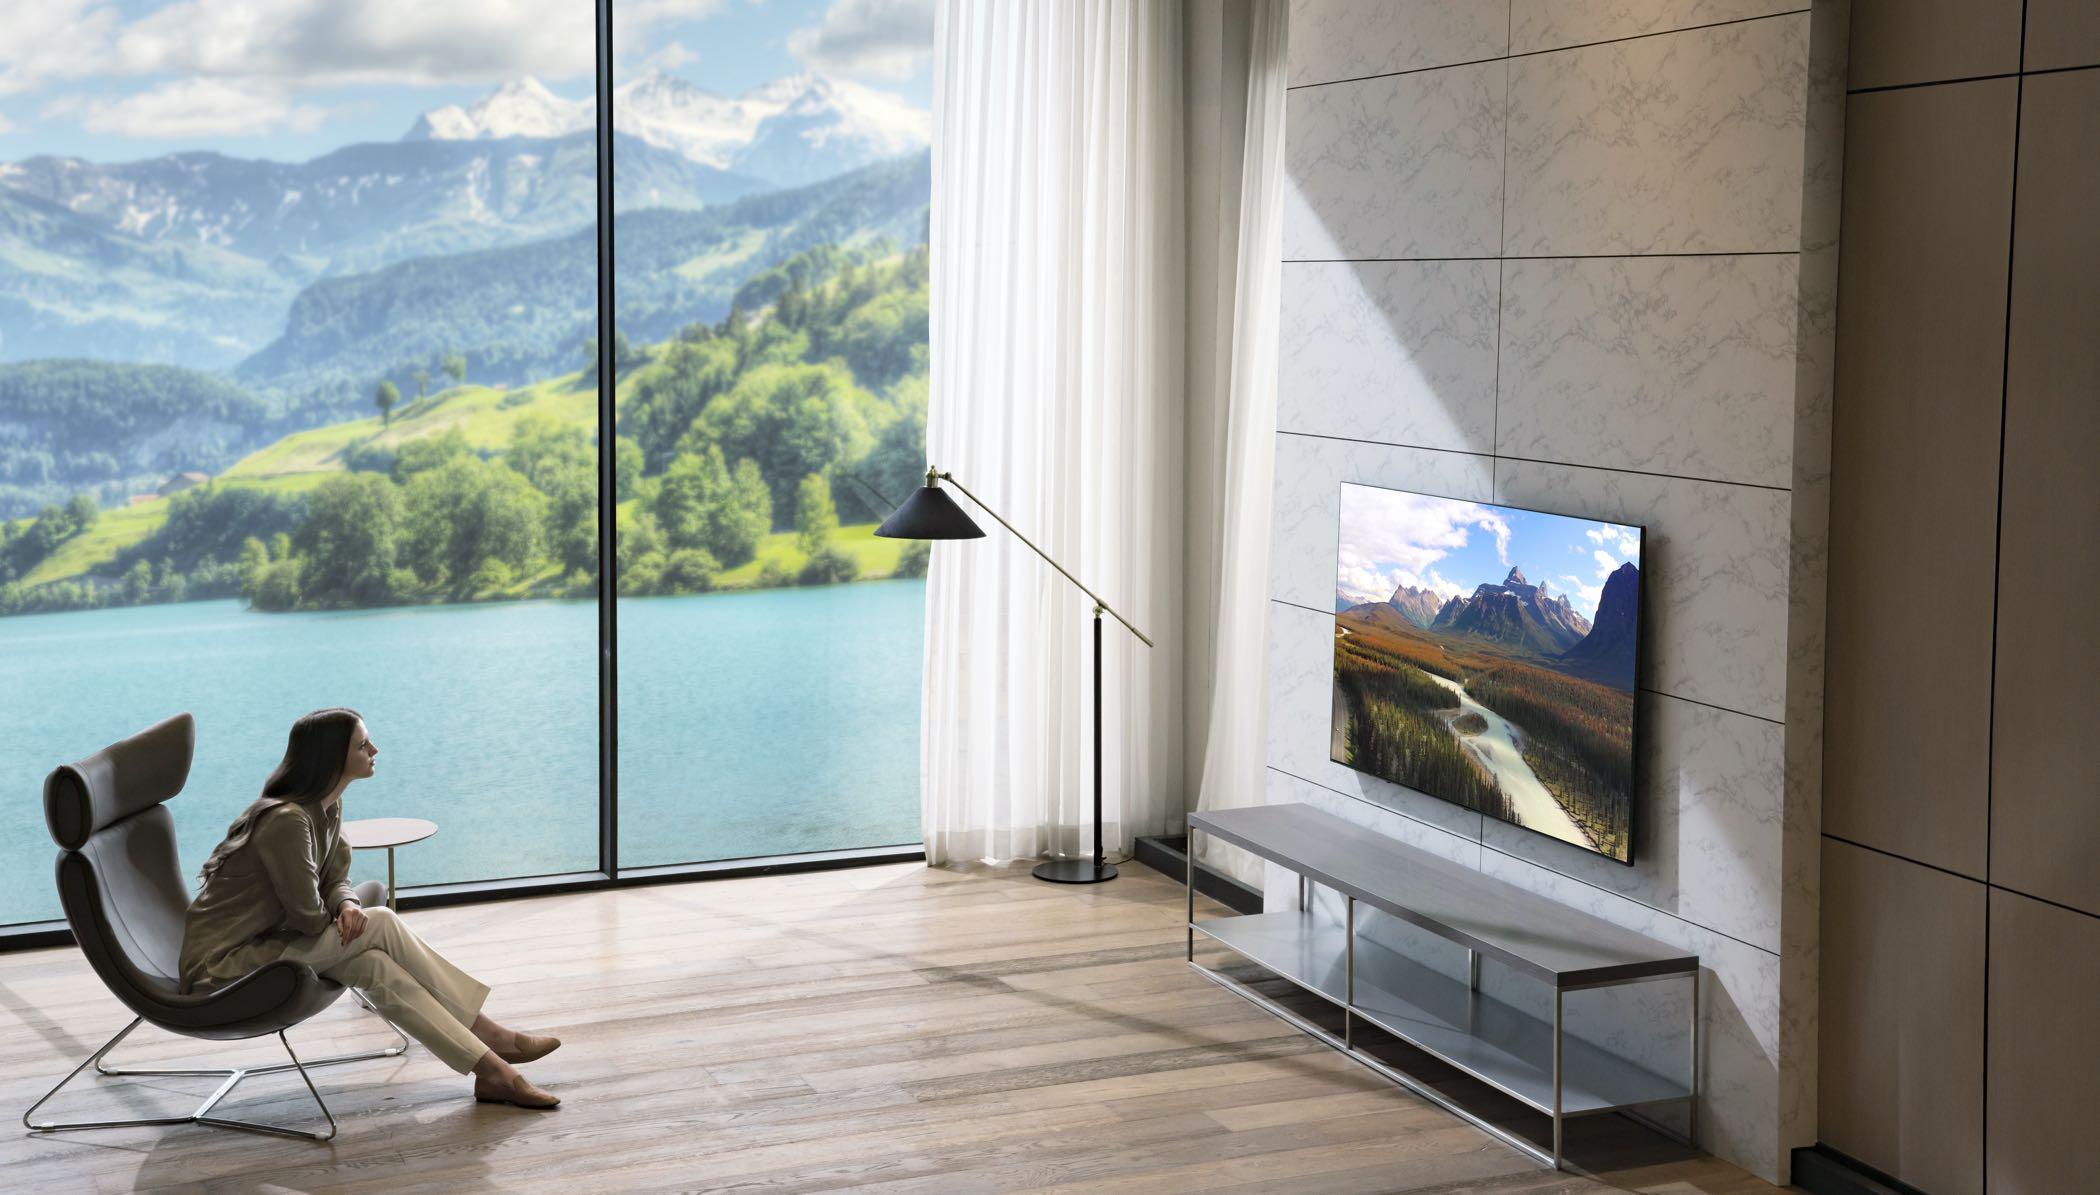 LG tovert de huiskamer om in een thuisbioscoop (ADV)